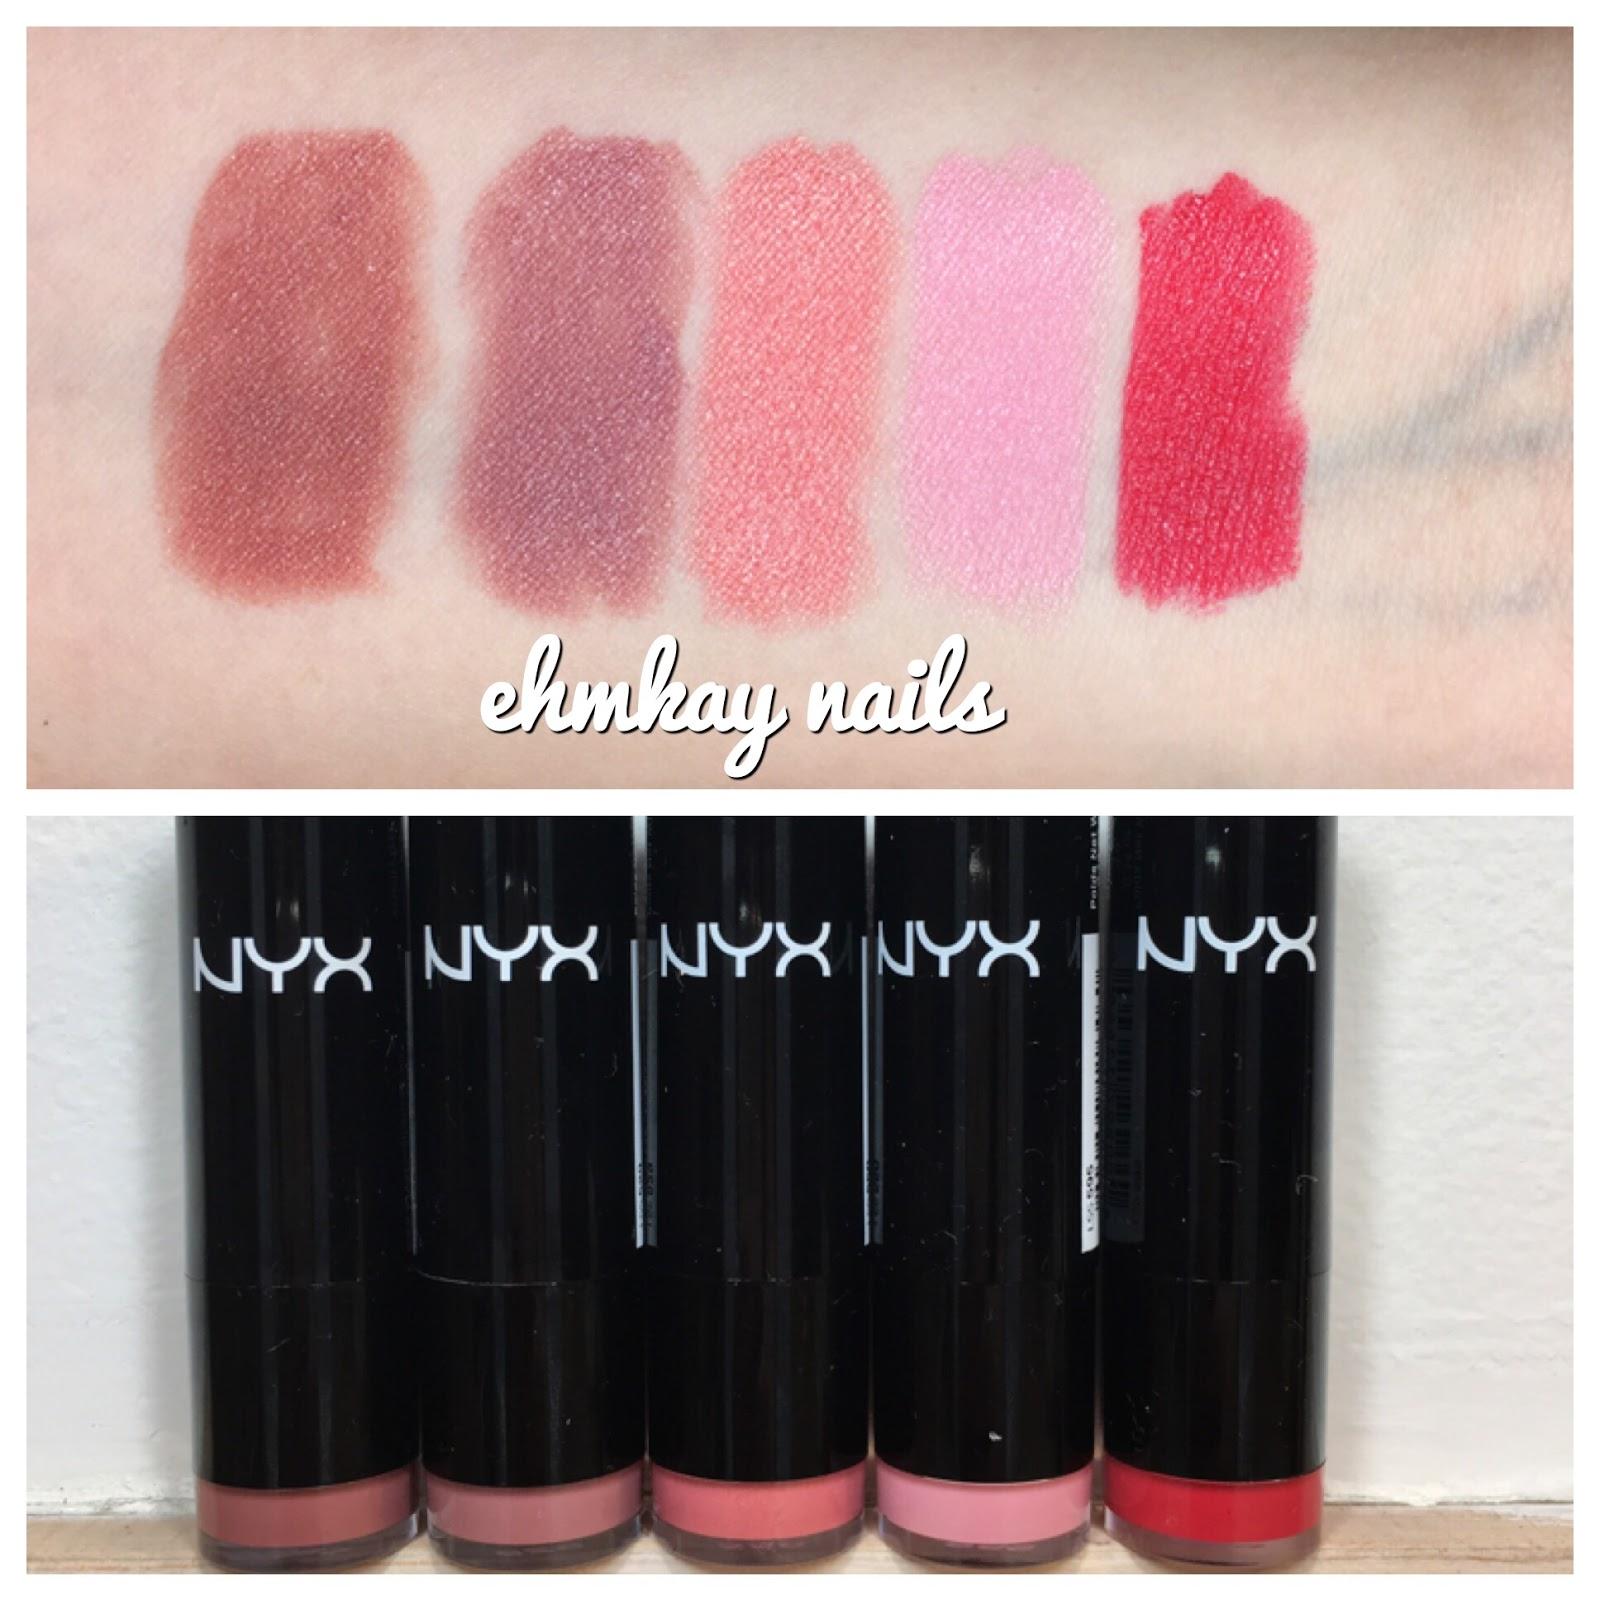 Ehmkay Nails Nyx Extra Creamy Round Lipsticks Swatches